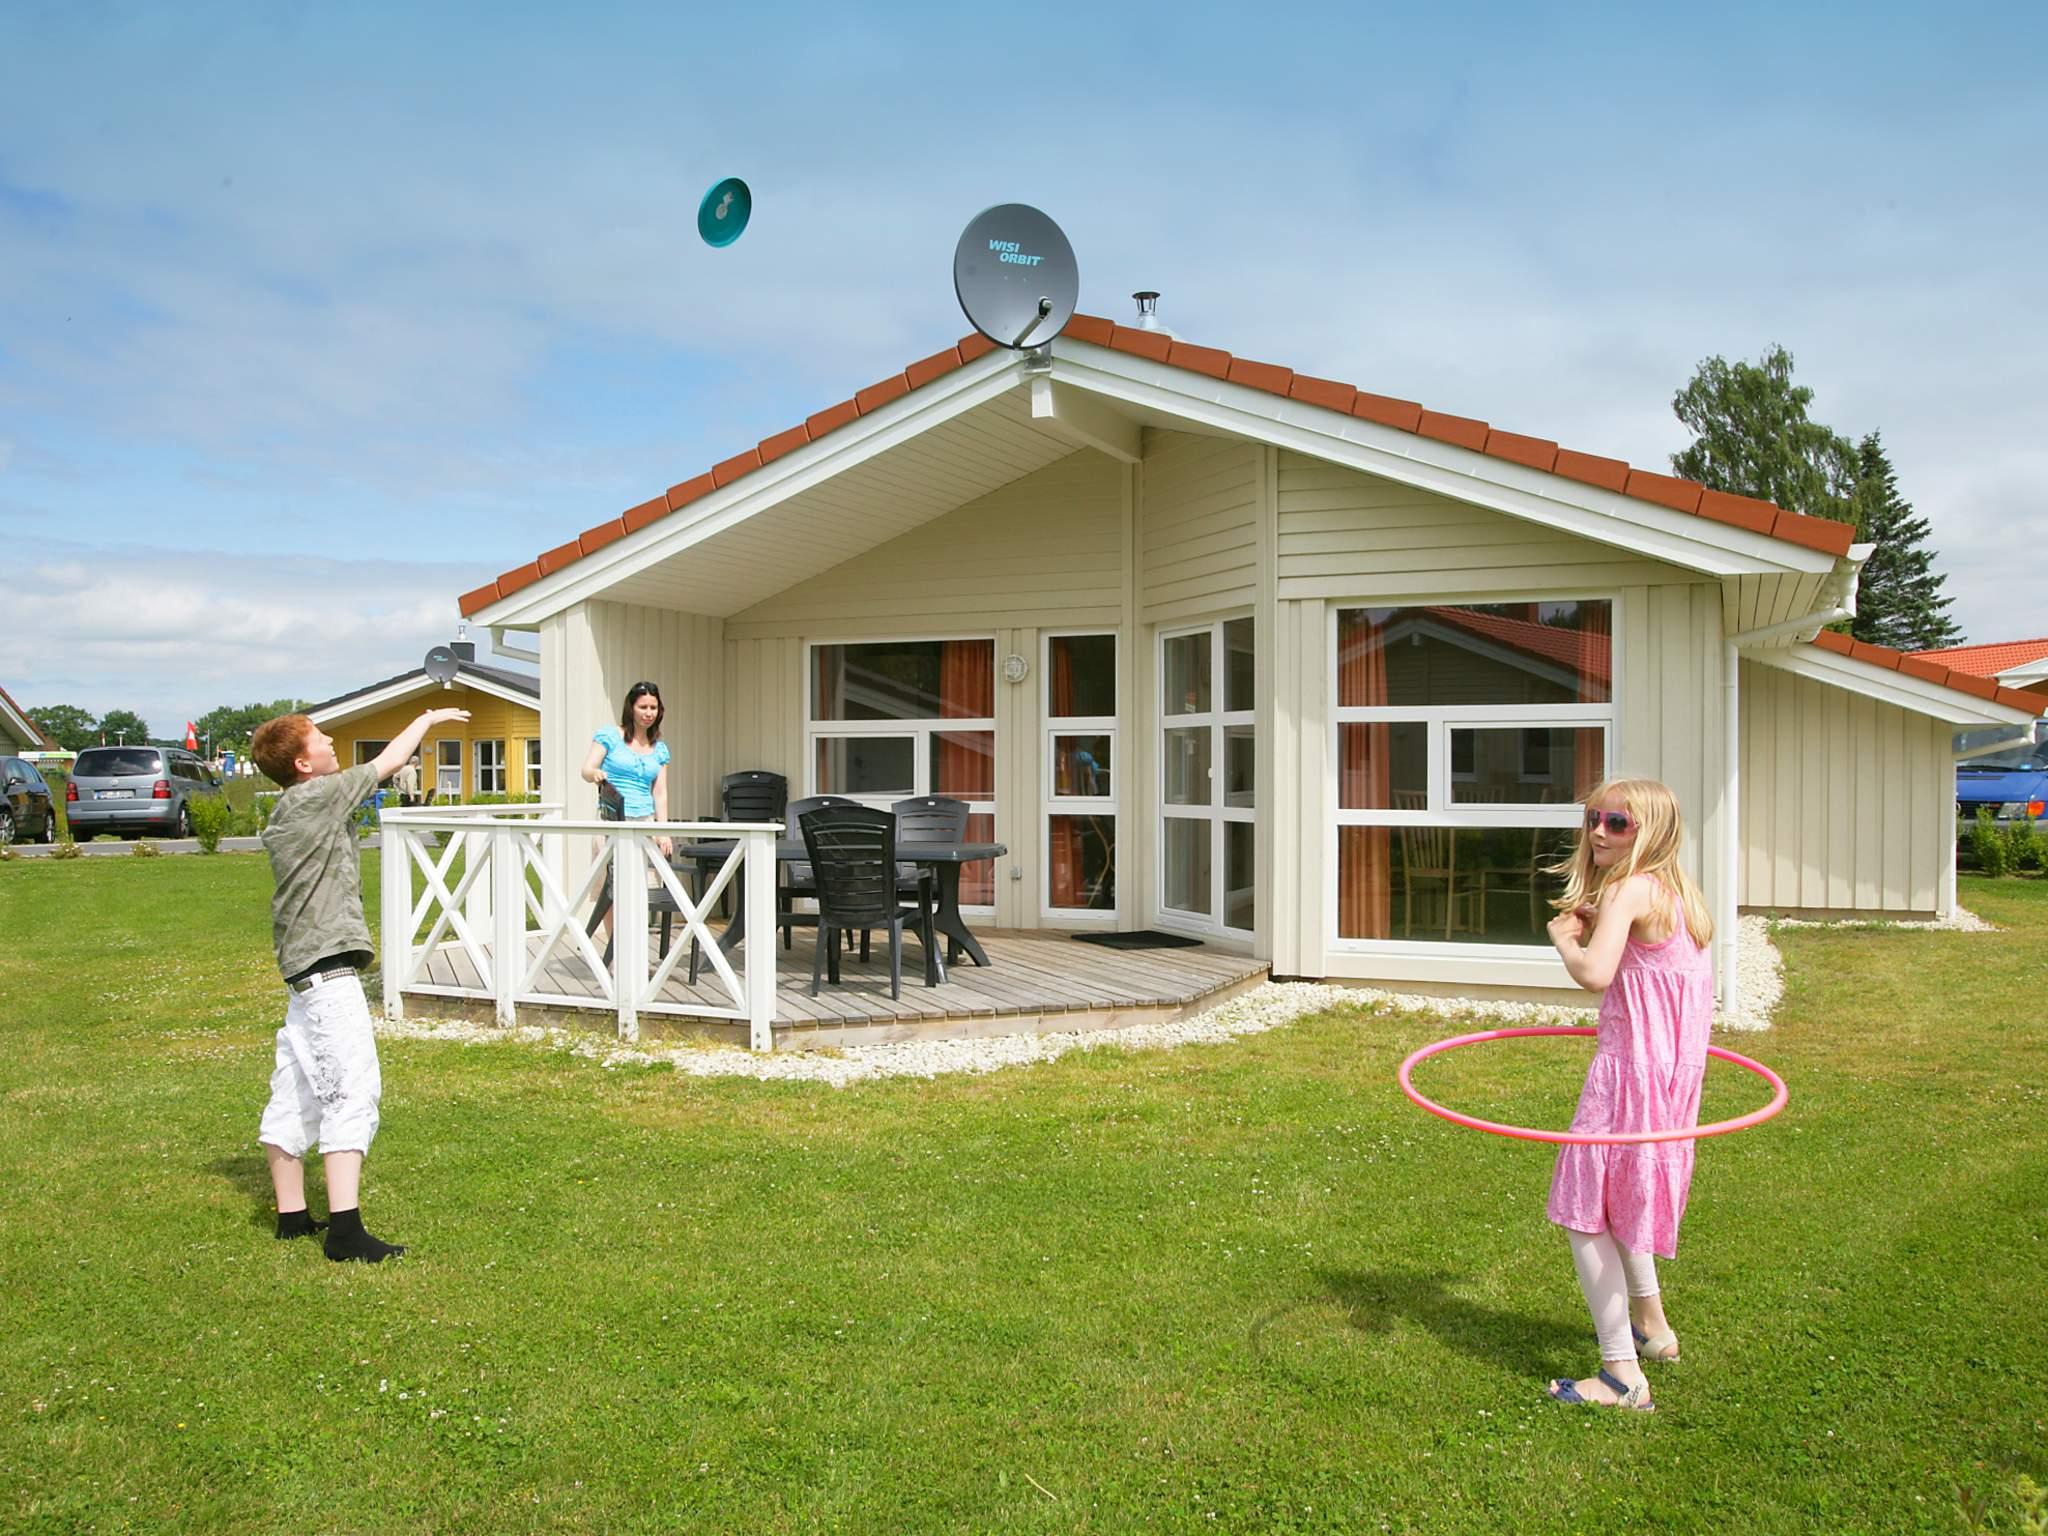 Maison de vacances Grömitz (361024), Grömitz, Baie de Lübeck, Schleswig-Holstein, Allemagne, image 12